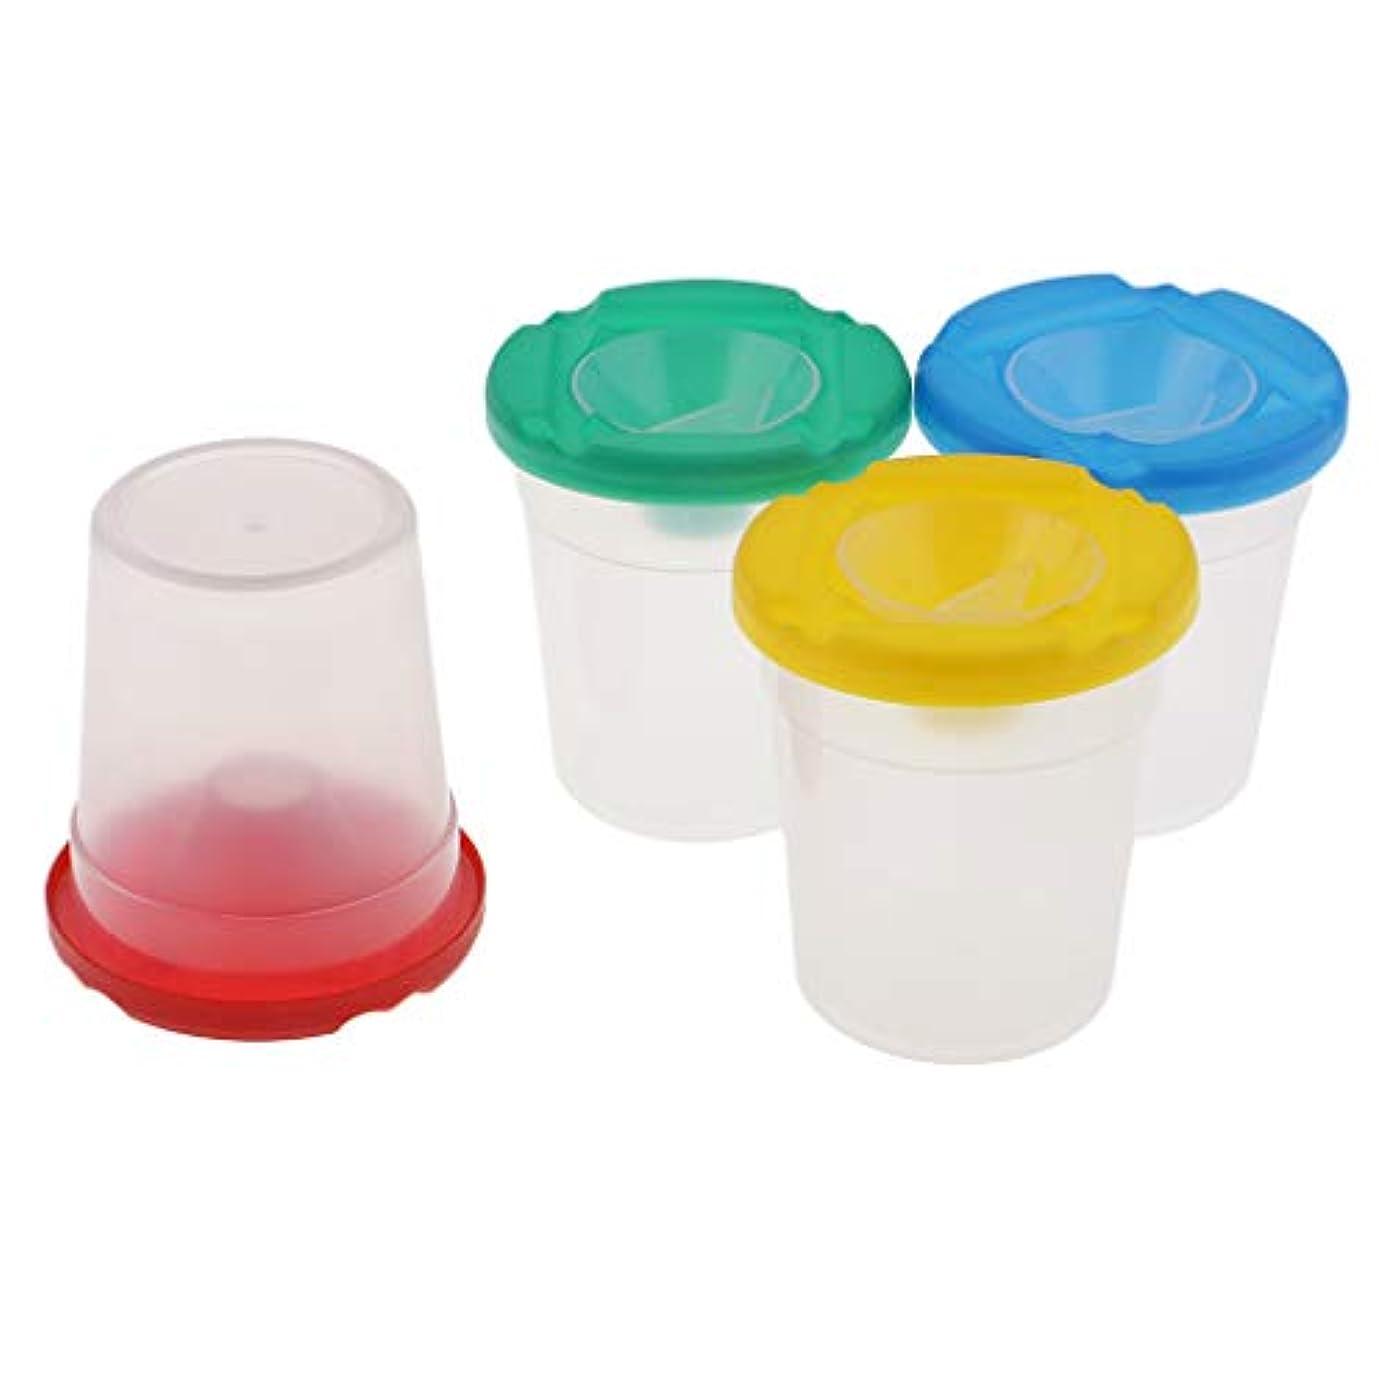 やむを得ないジェム海描画ツール ペイントカップ ふた付き プラスチック製 ウォッシュカップ 絵画用 4個入り